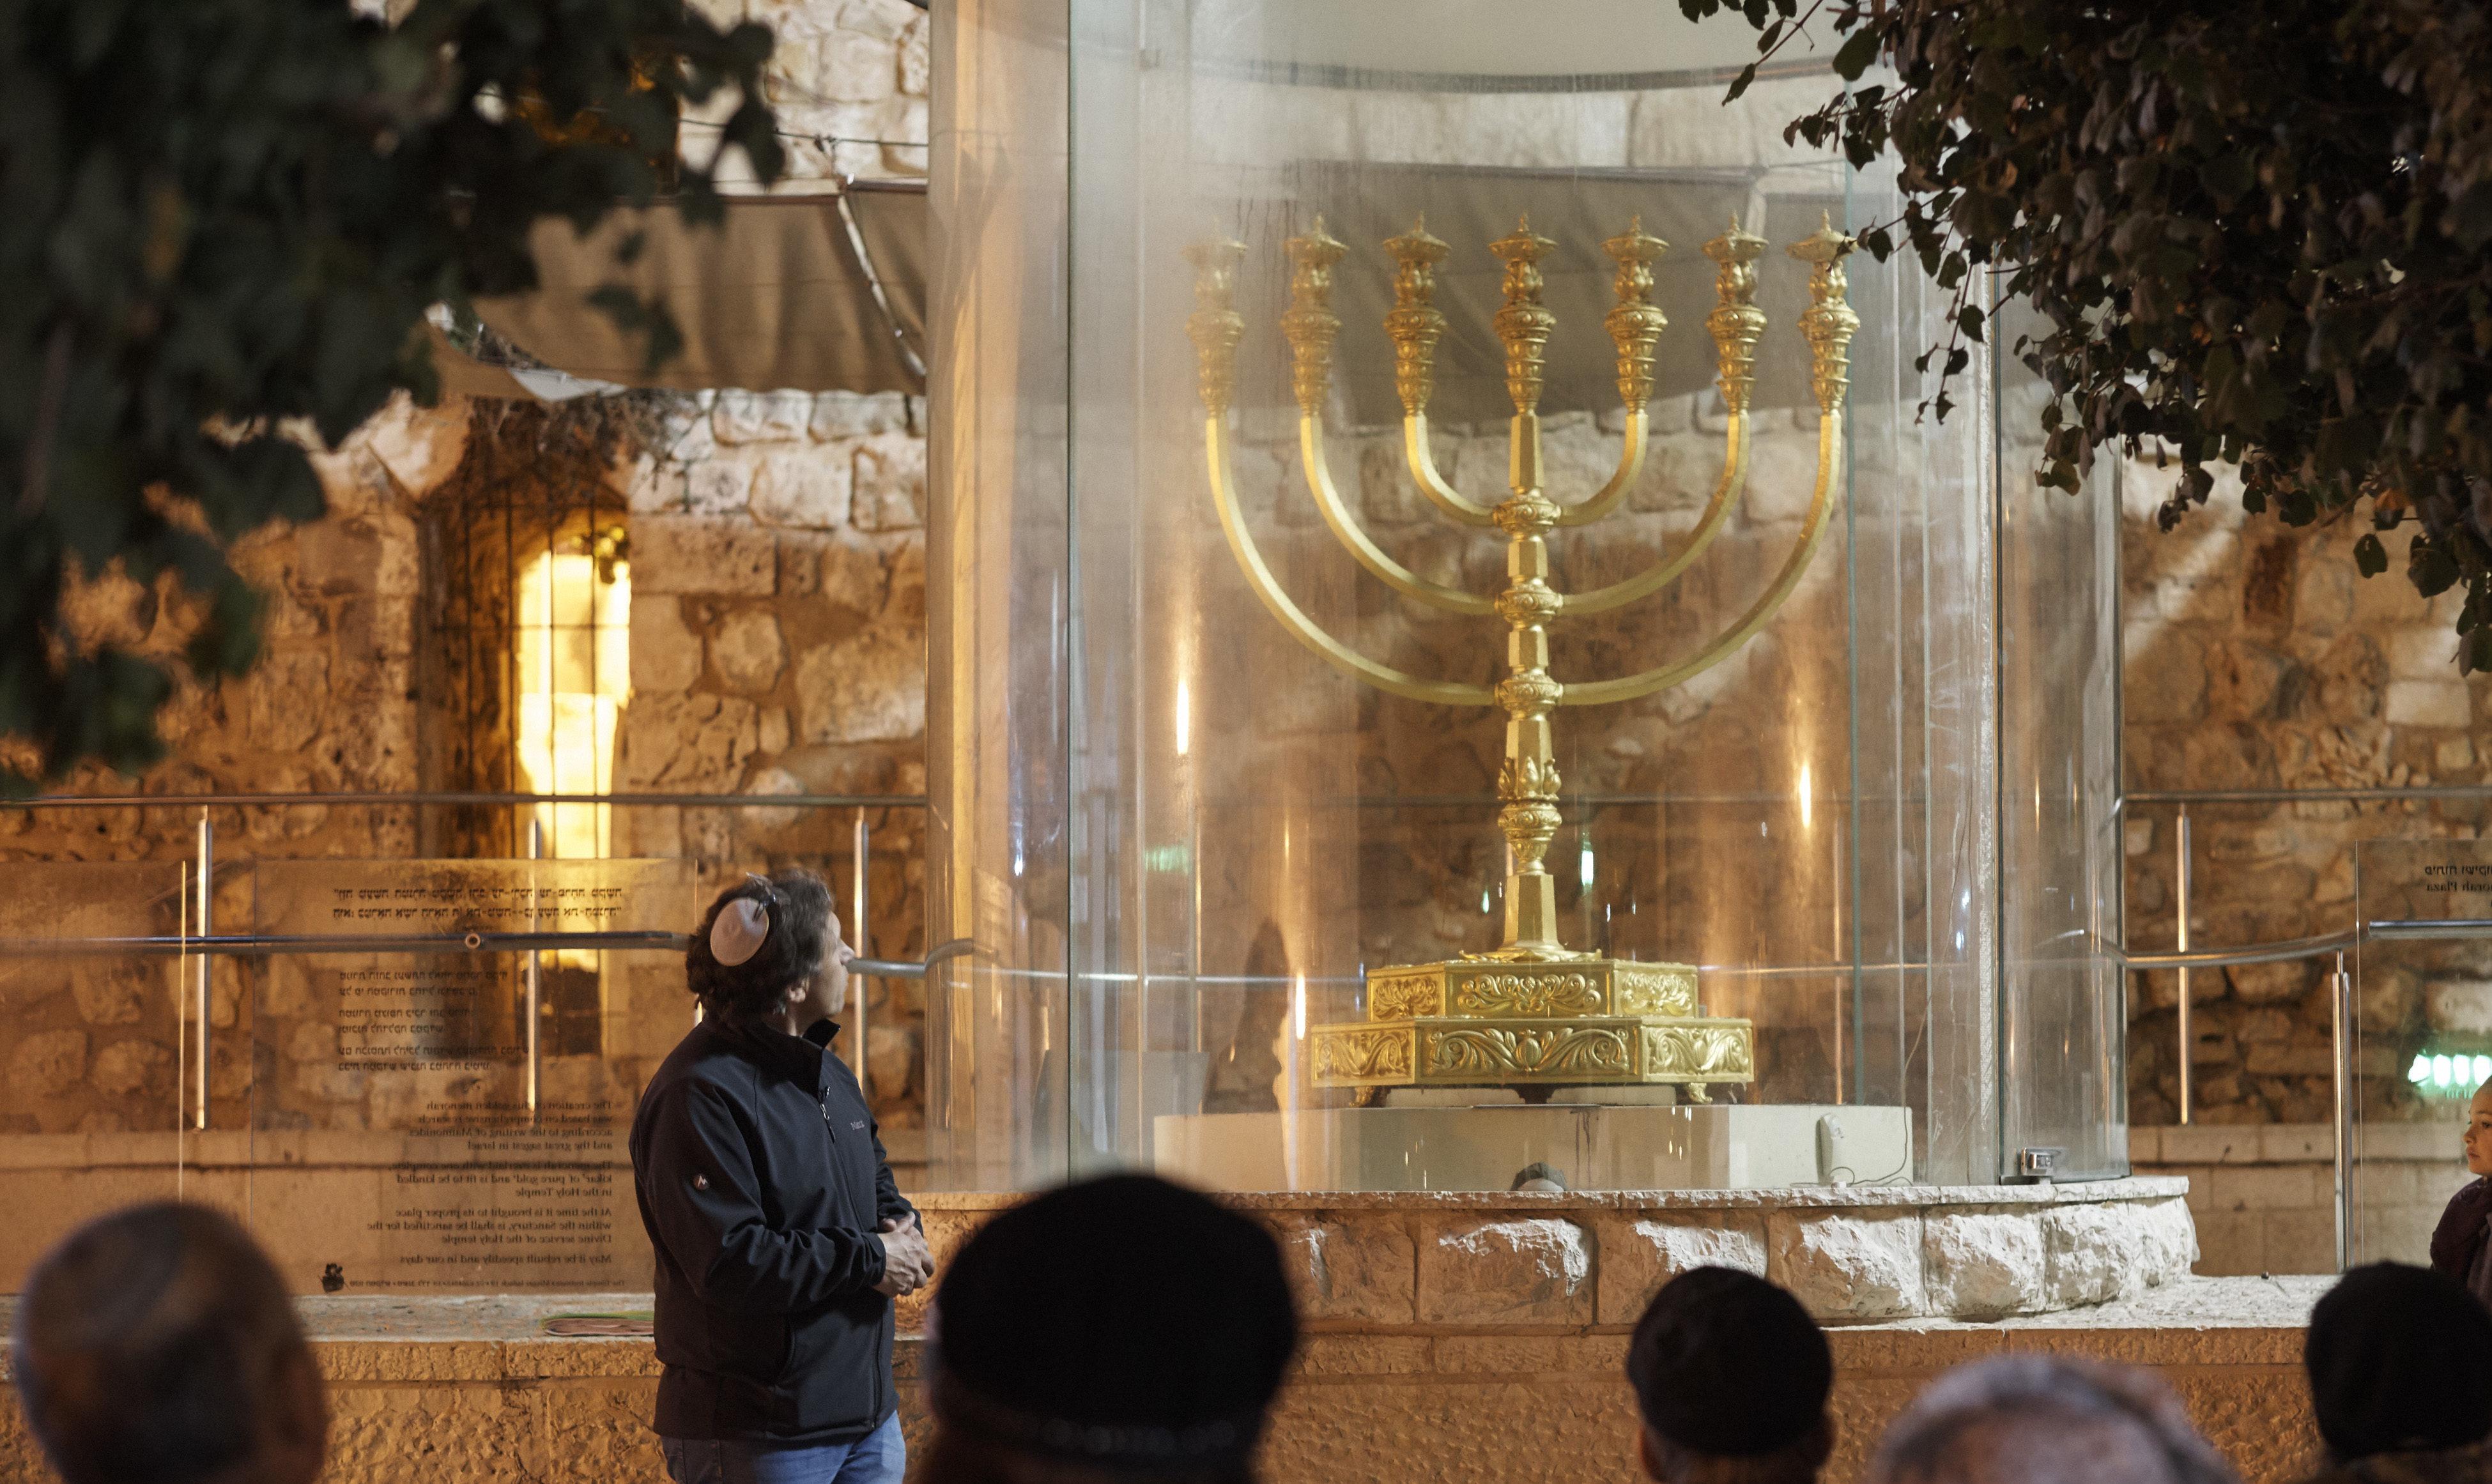 בעקבות האור: סיורי חנוכיות ברובע היהודי בירושלים